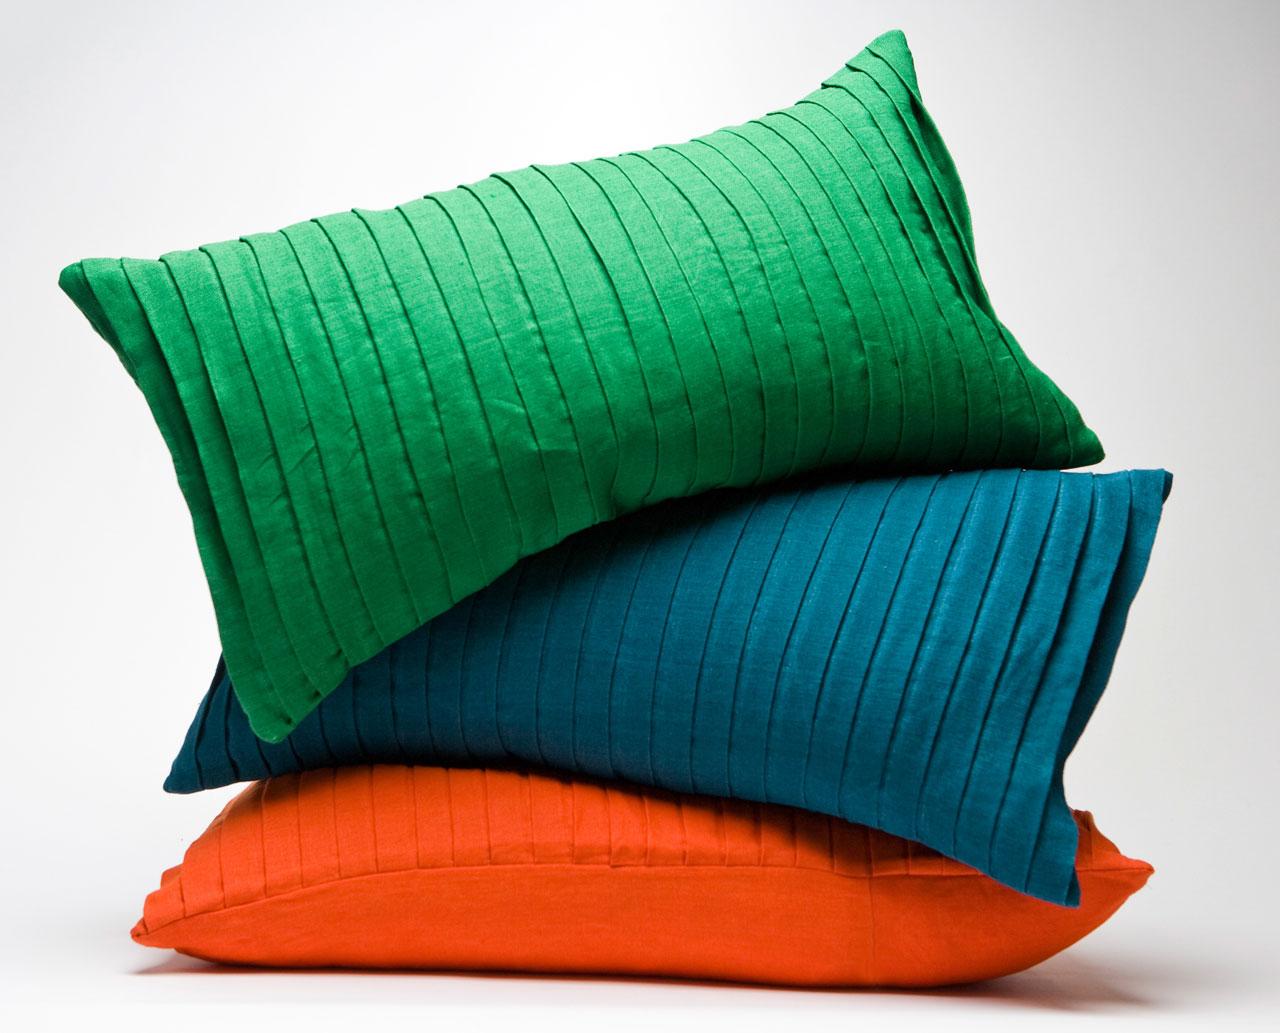 Tyynyillä saa helposti uutta raikasta ilmettä tilaan, 39,90 euroa / kpl, Hemtex.